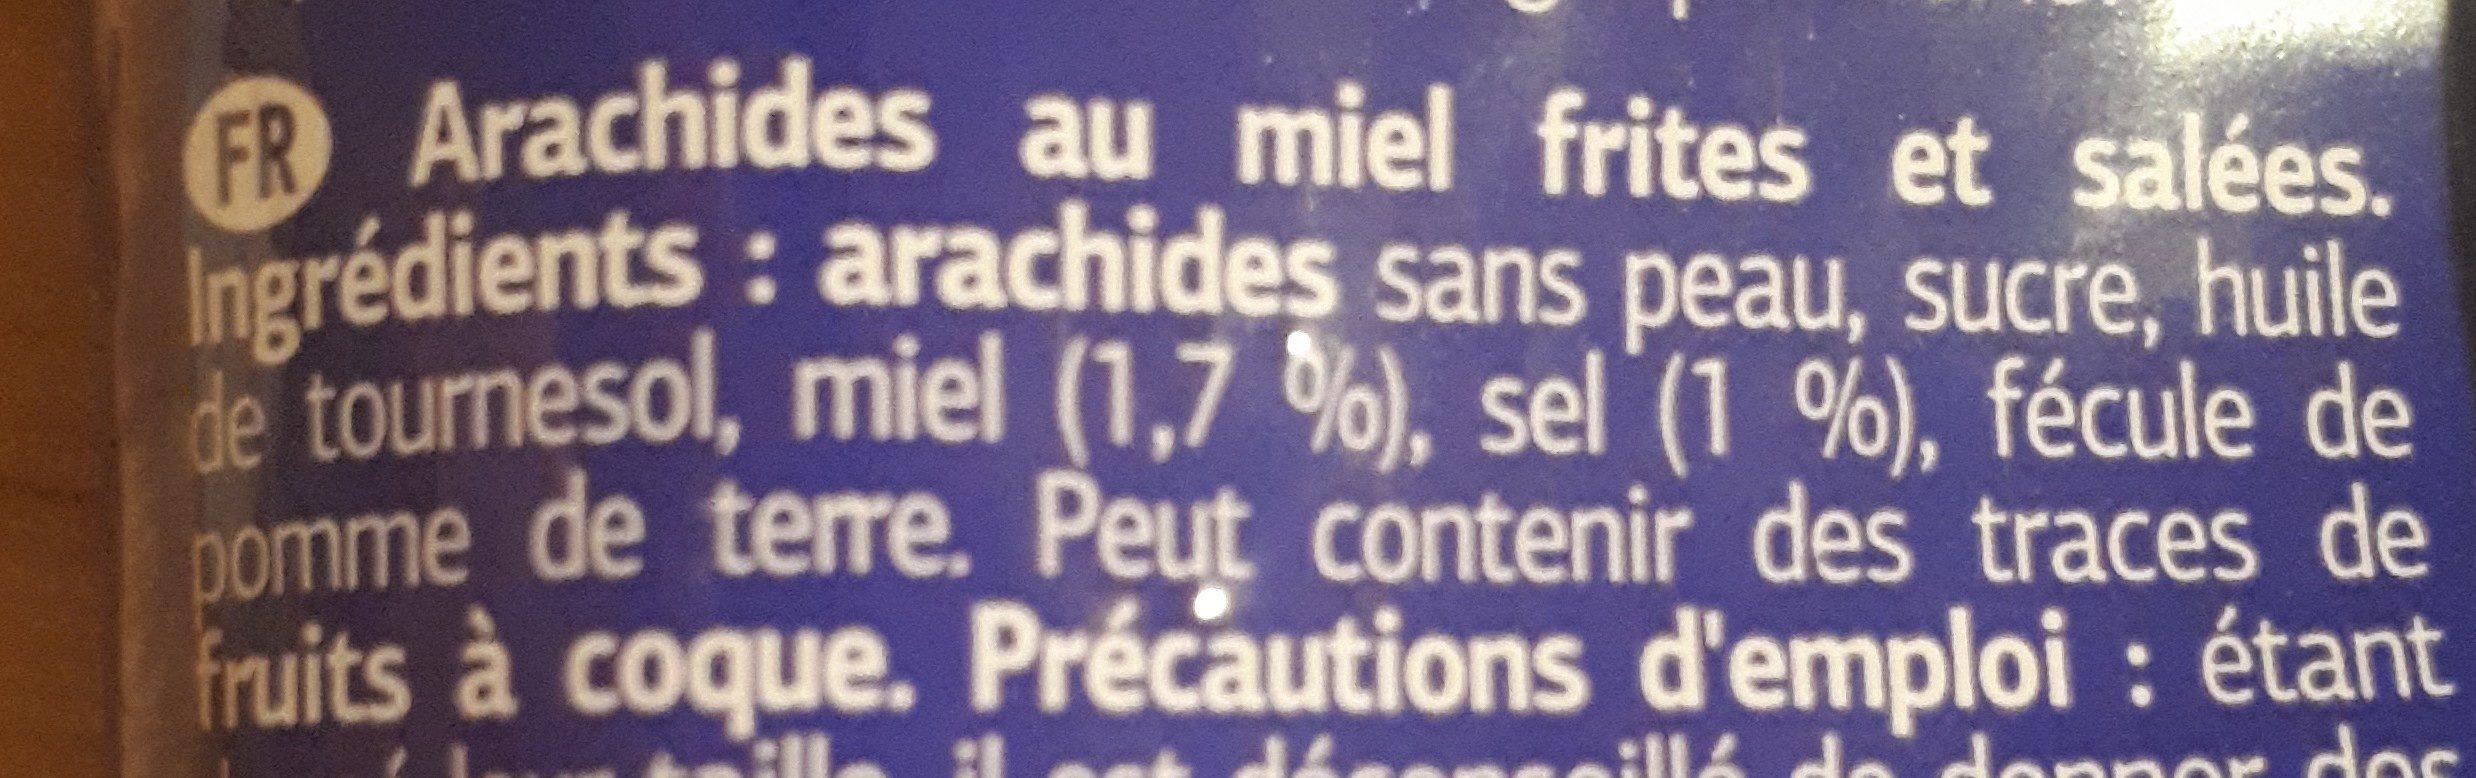 Cacahuetes con miel - Ingrediënten - fr